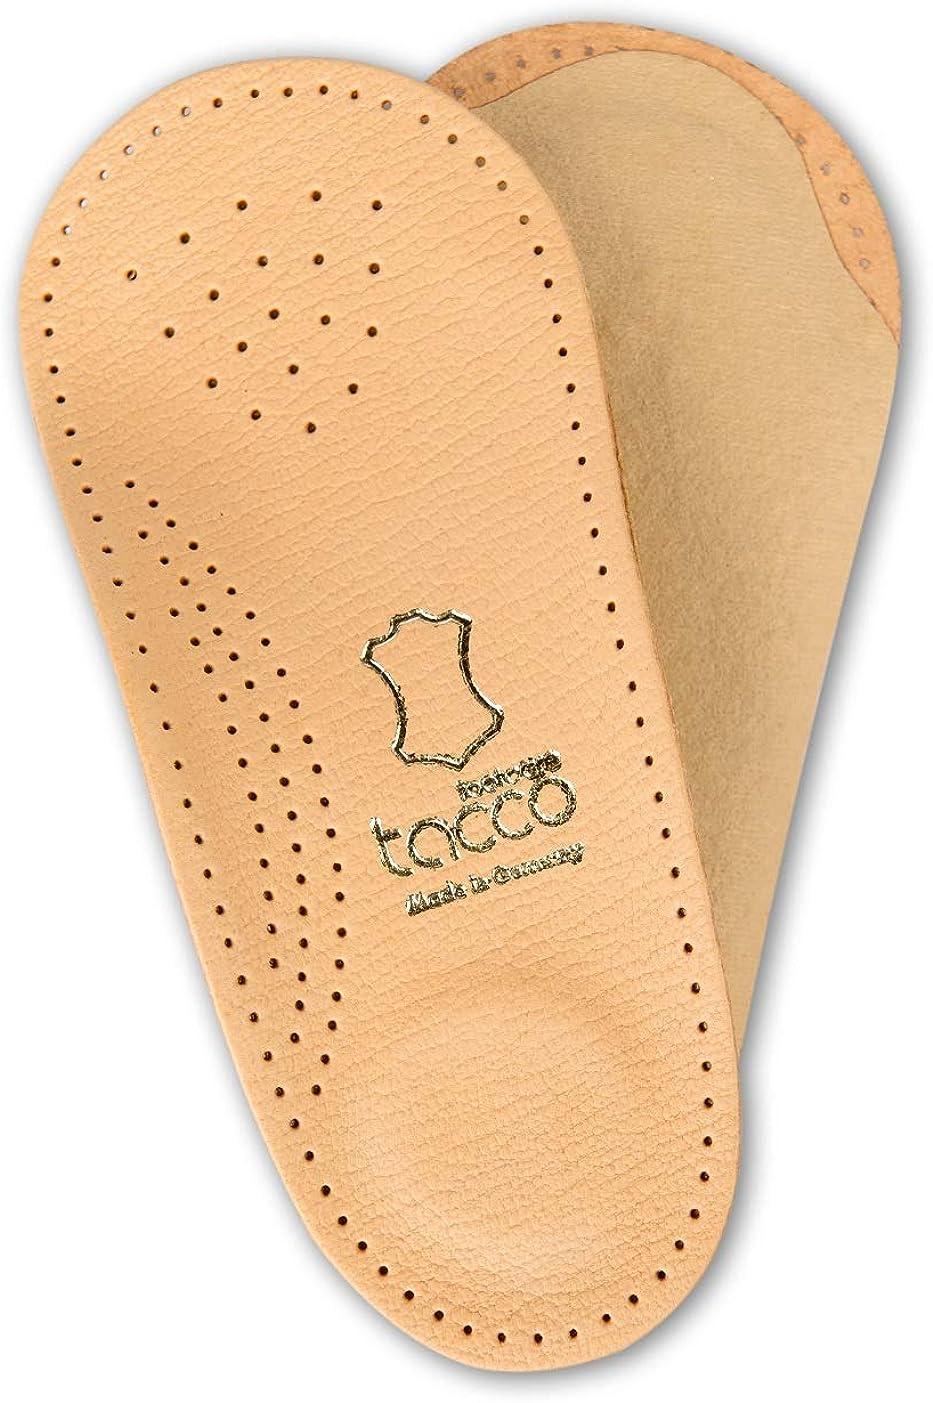 Plantillas Ortopédicas 3/4 para Calzado Tacco Elastic - Soporte Suave del Arco y Almohadillas Amortiguadoras - Cuero con Curtido Vegetal - Hechas en Alemania